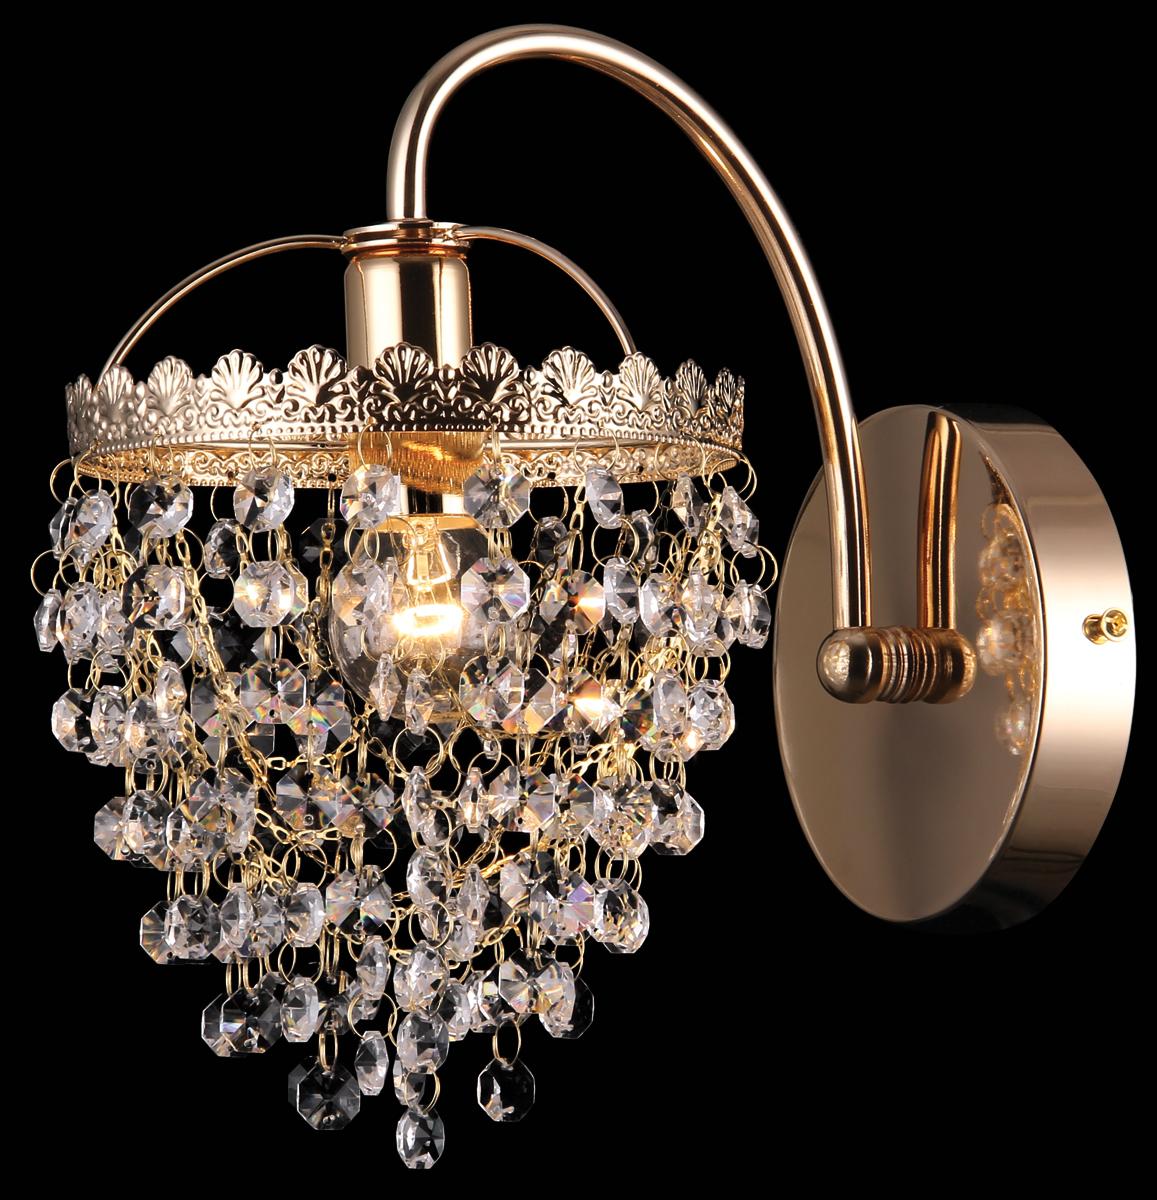 Бра Natali Kovaltseva, 1 х E14, 60W. 70022-1WVICENZA 70022-1W FRENCHБра Natali Kovaltseva, выполненное в классическом стиле, станет украшением вашей комнаты и изысканно дополнит интерьер. Изделие крепится к стене. Такое бра отлично подойдет для освещения кабинета, спальни или гостиной. Бра выполнено из металла с хромированным покрытием. В коллекциях Natali Kovaltseva представлены разные стили - от классики до хайтека. Дизайн и технологическая составляющая продукции разрабатывается в R&D центре компании, который находится в г. Дюссельдорф, Германия. При производстве продукции используются высококачественные и эксклюзивные материалы: хрусталь ASFOR, муранское стекло, перламутр, 24-каратное золото, бронза. Производство светильников соответствует стандарту системы менеджмента качества ISO 9001-2000. На всю продукцию ТМ Natali Kovaltseva распространяется гарантия.